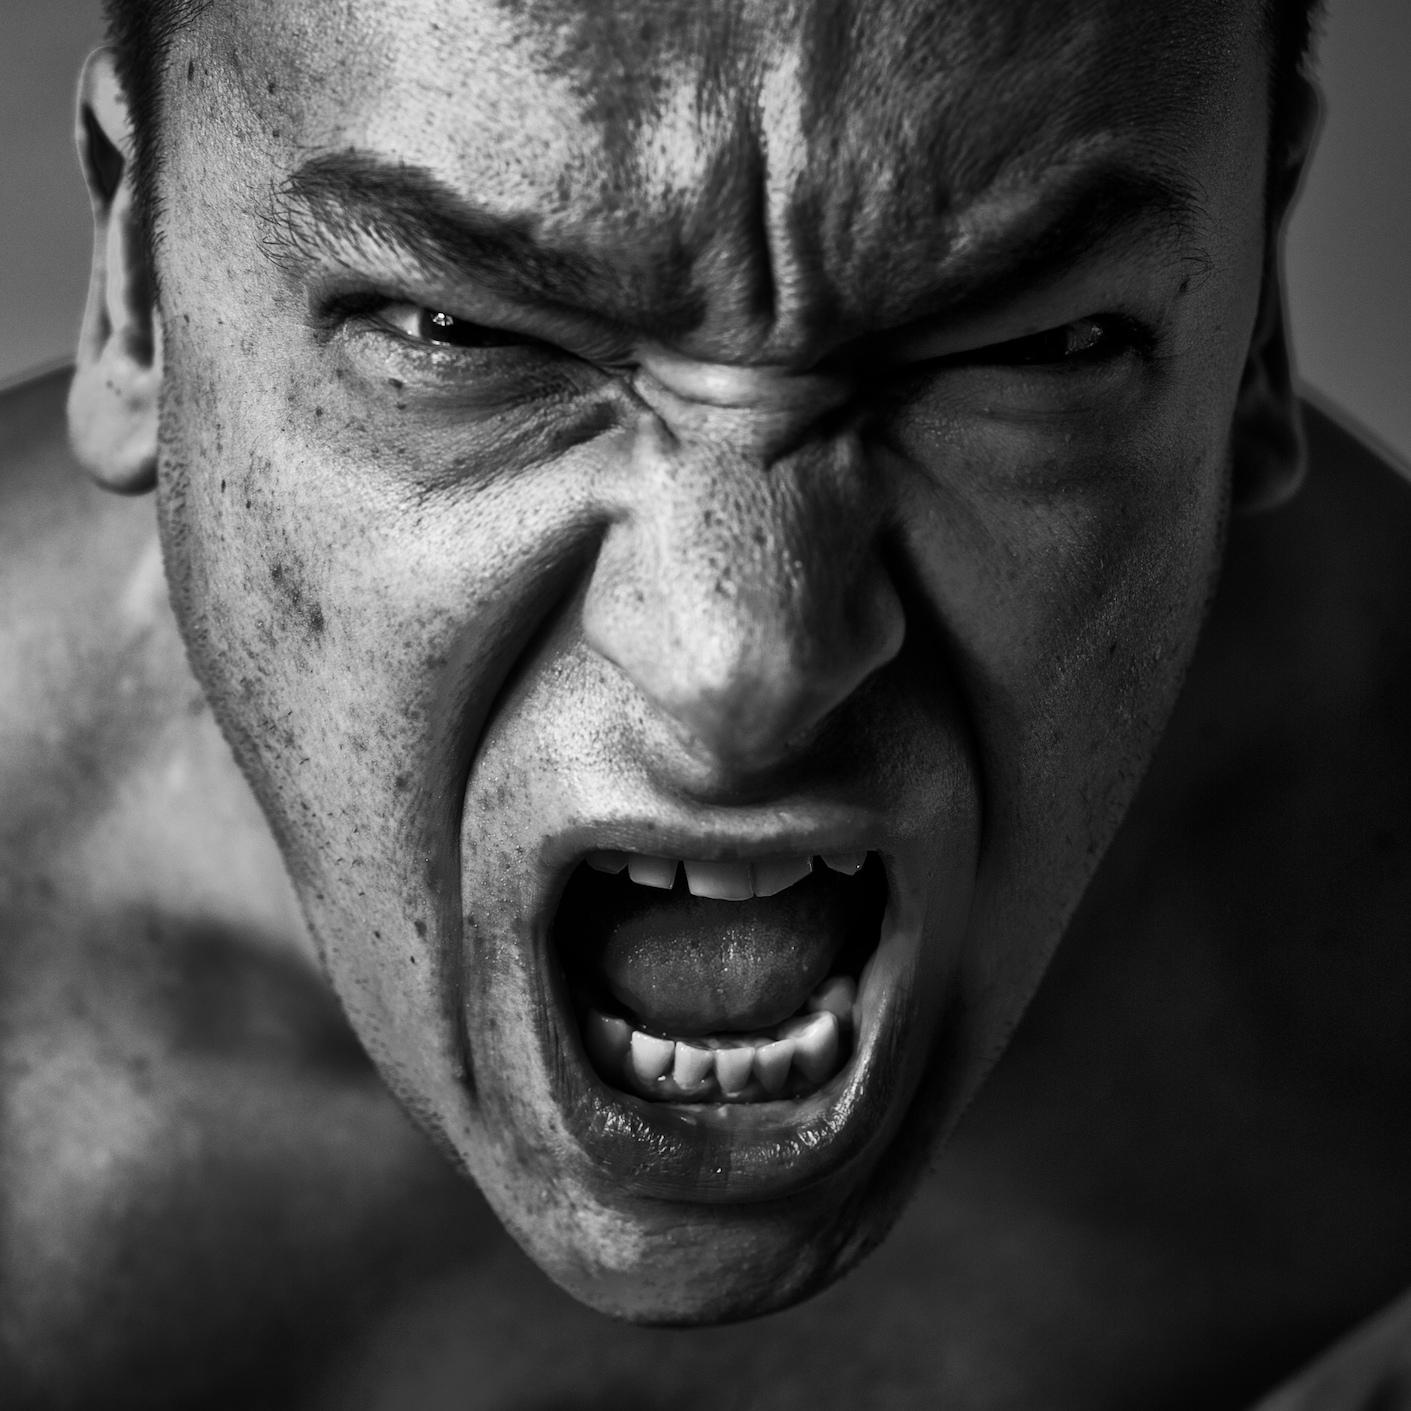 картинки злых эмоций удовольствие употребления продукта